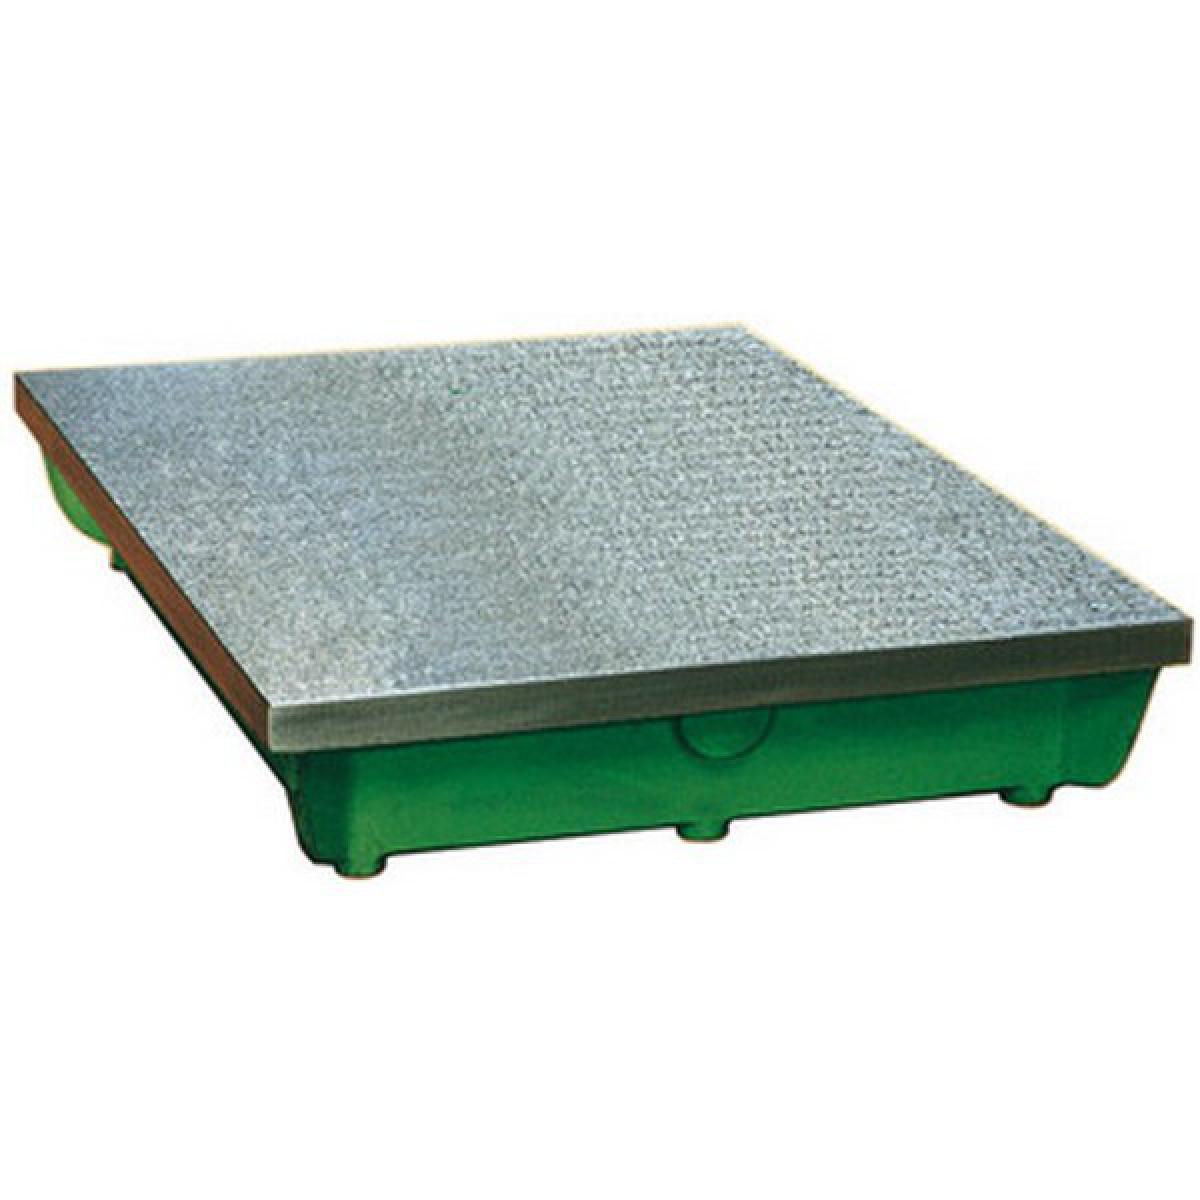 Protec Plaque à tracer et à dresser, qualité 1, Taille : 1500 x 1000 mm, Précision µm qualité 1 25, Poids env. 690 kg